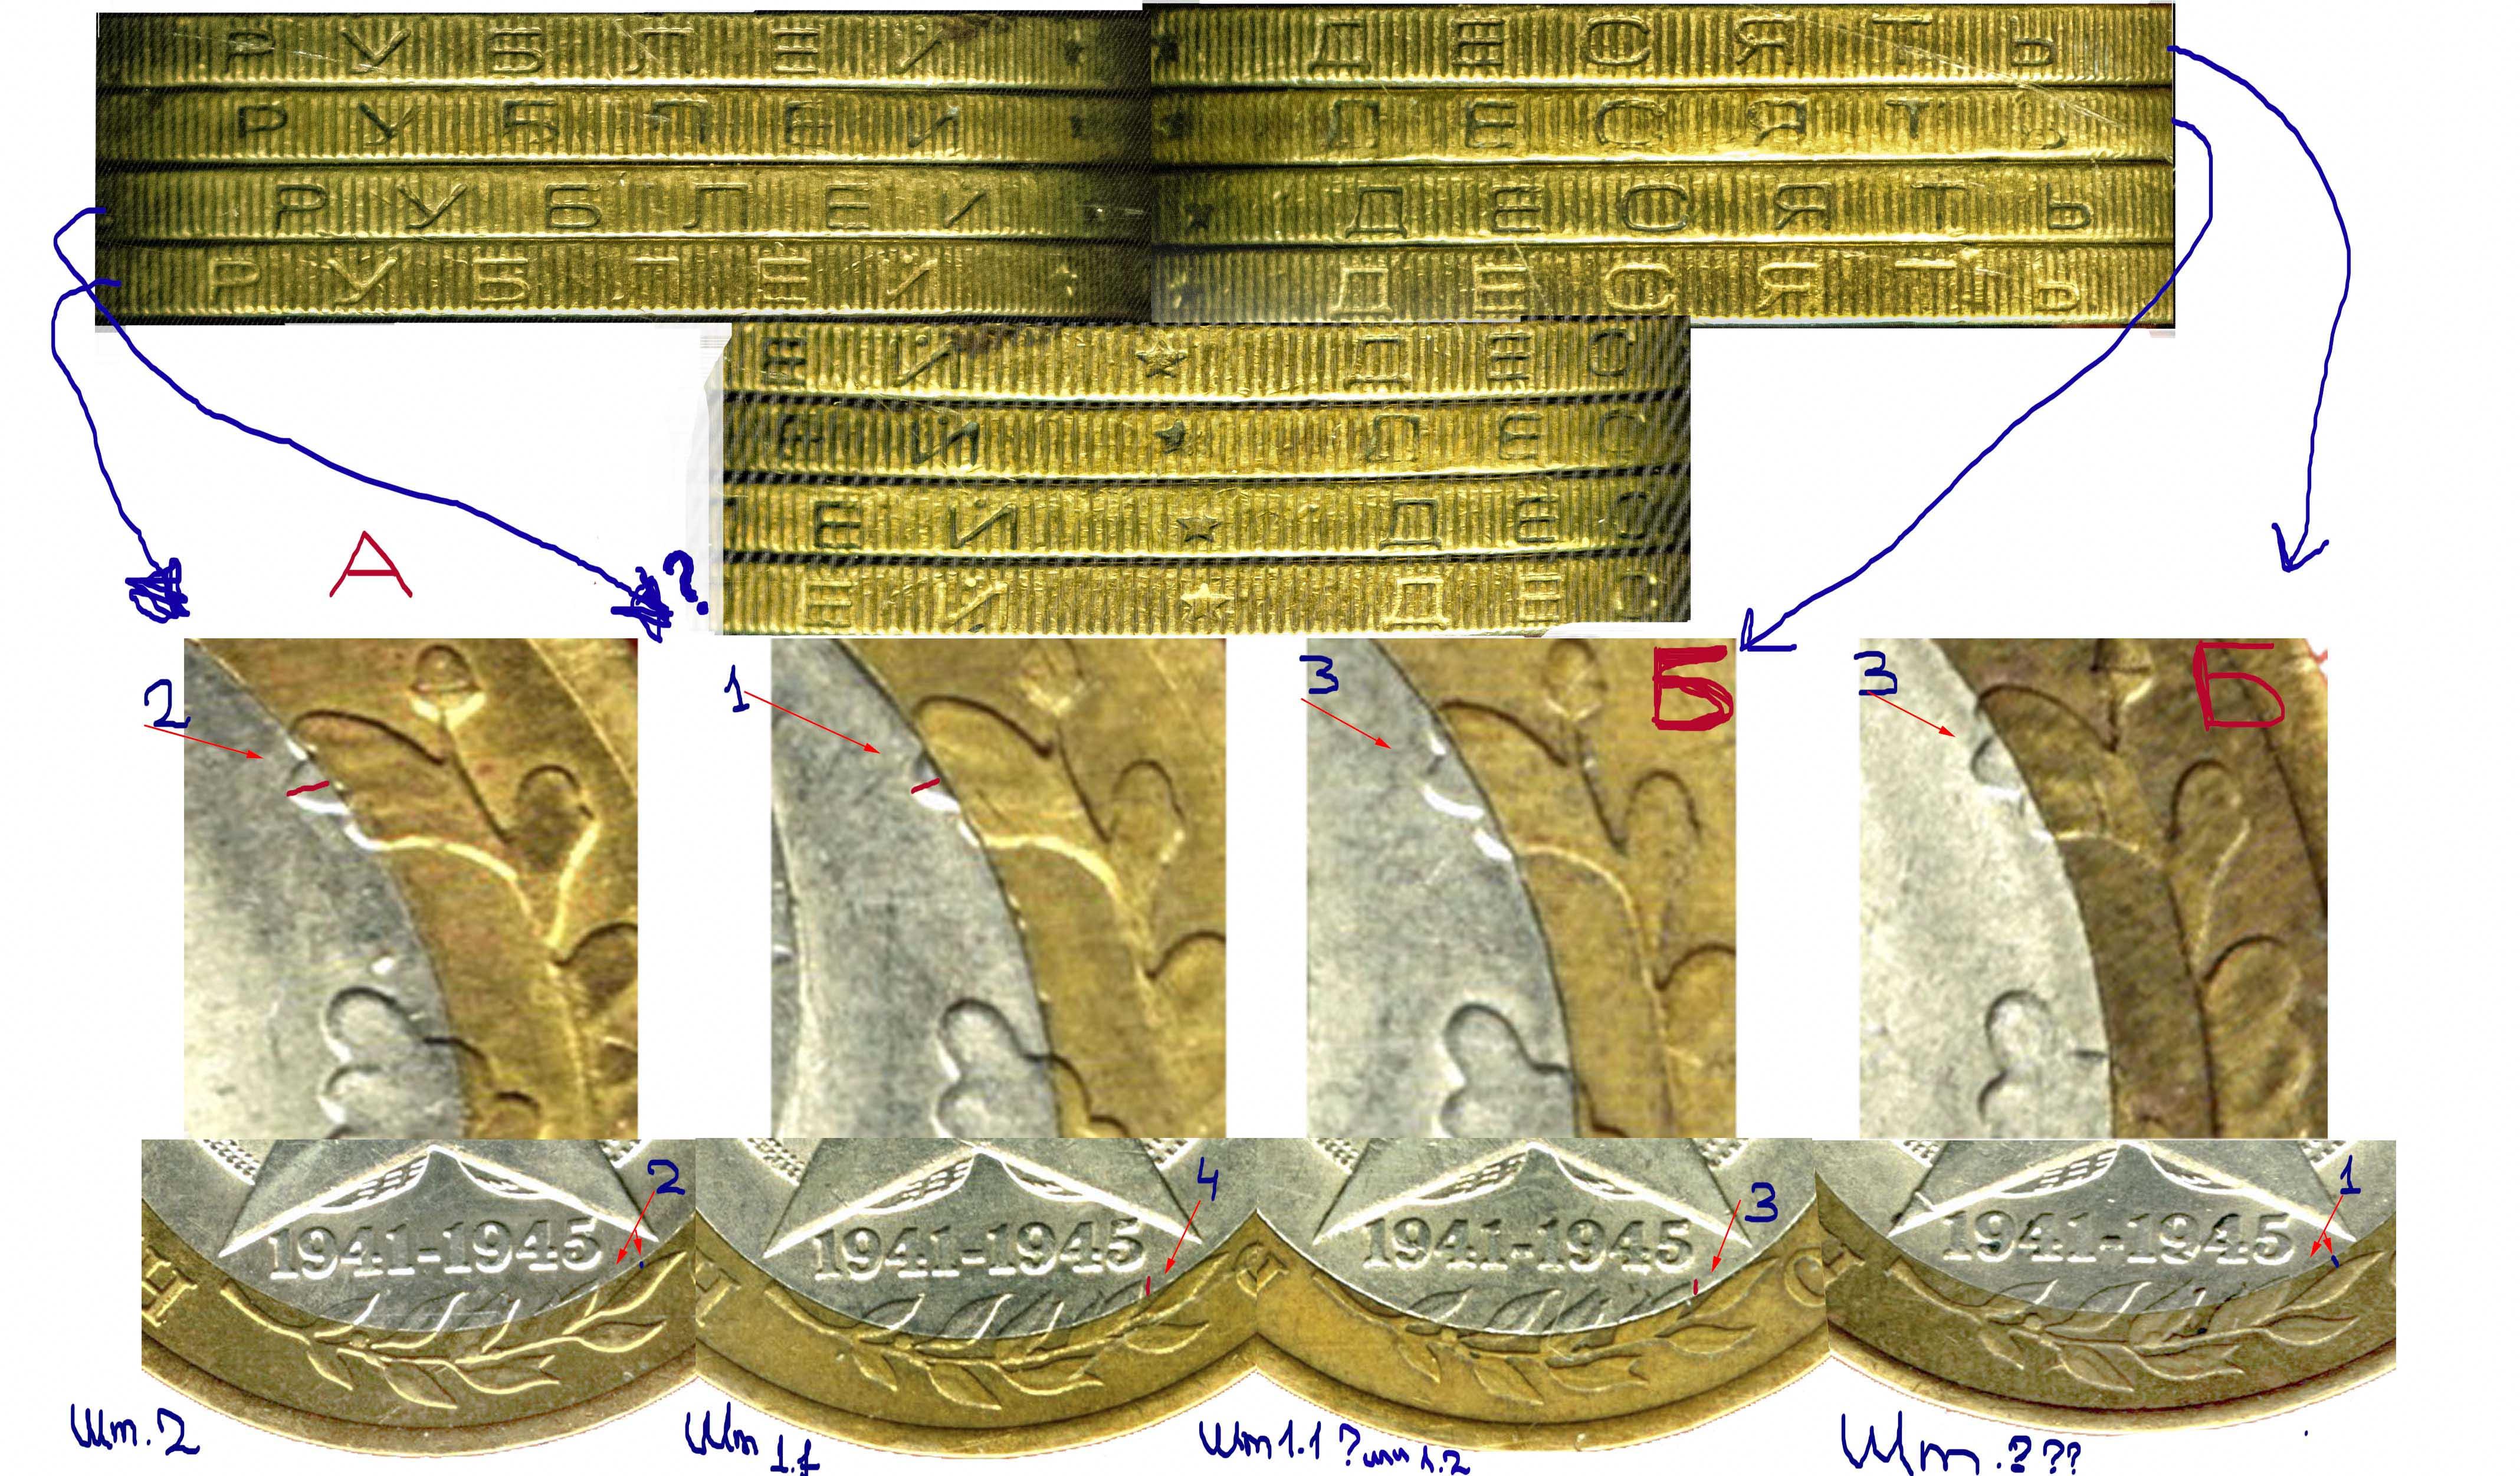 60 лет победы 10 рублей графический символ рубля купить